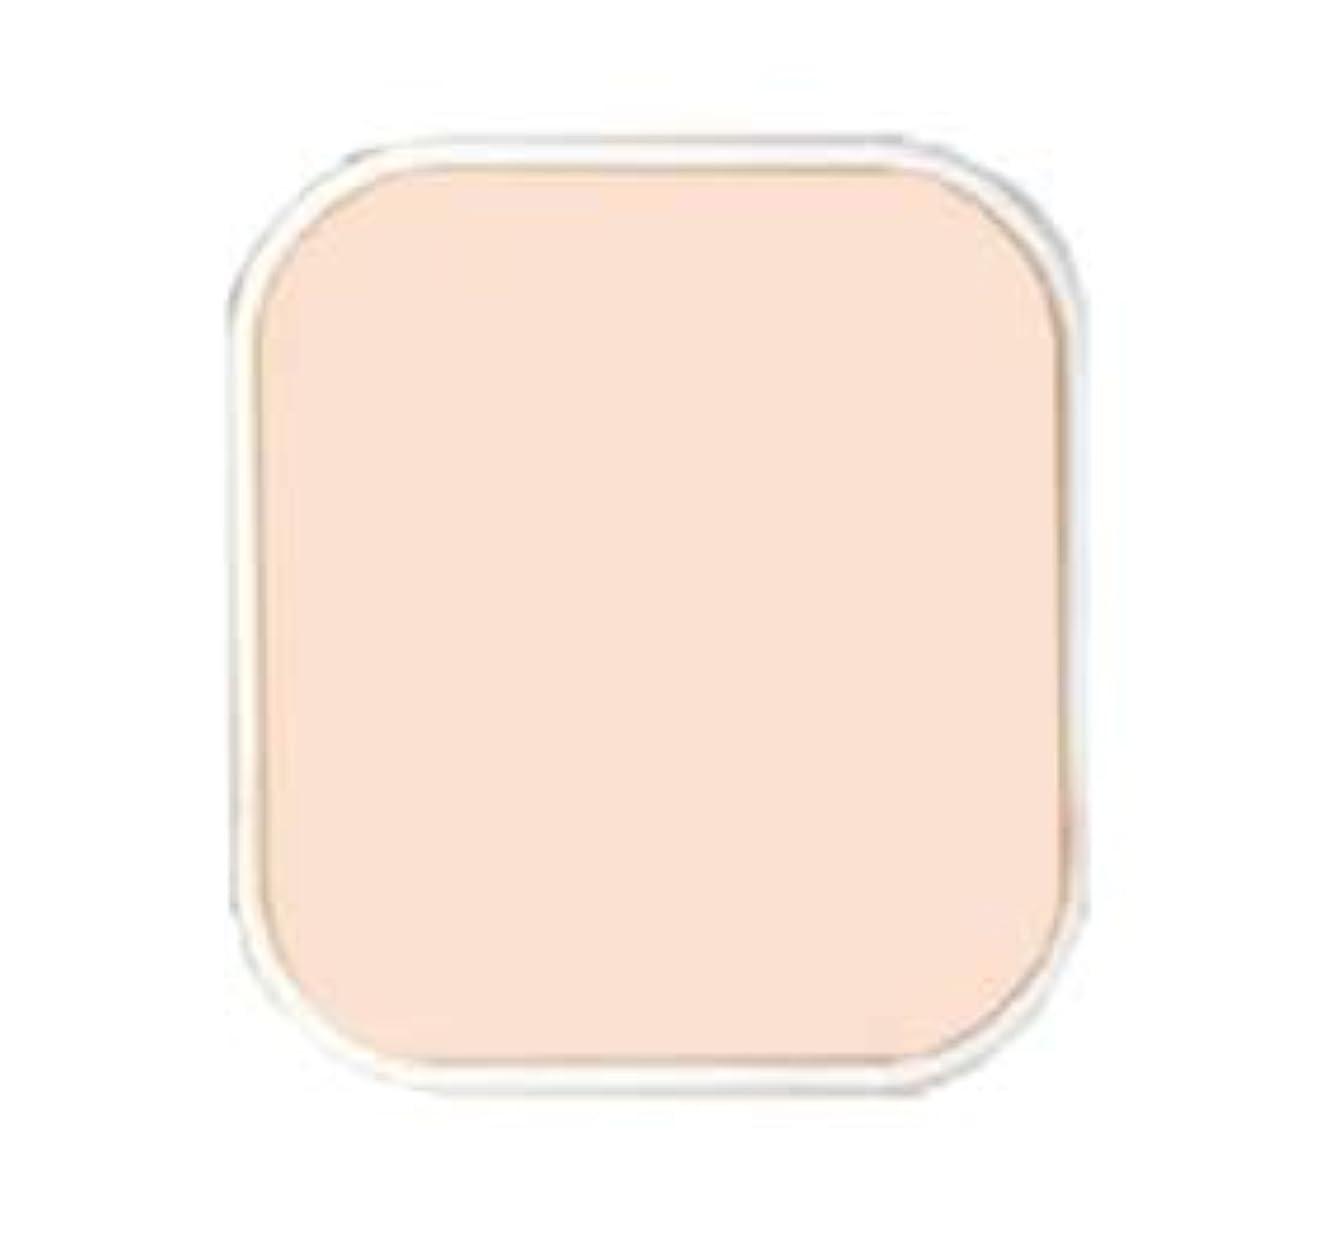 るオンス少年アクセーヌ クリーミィファンデーションPV(リフィル)<P10明るいピンク系>※ケース別売り(11g)